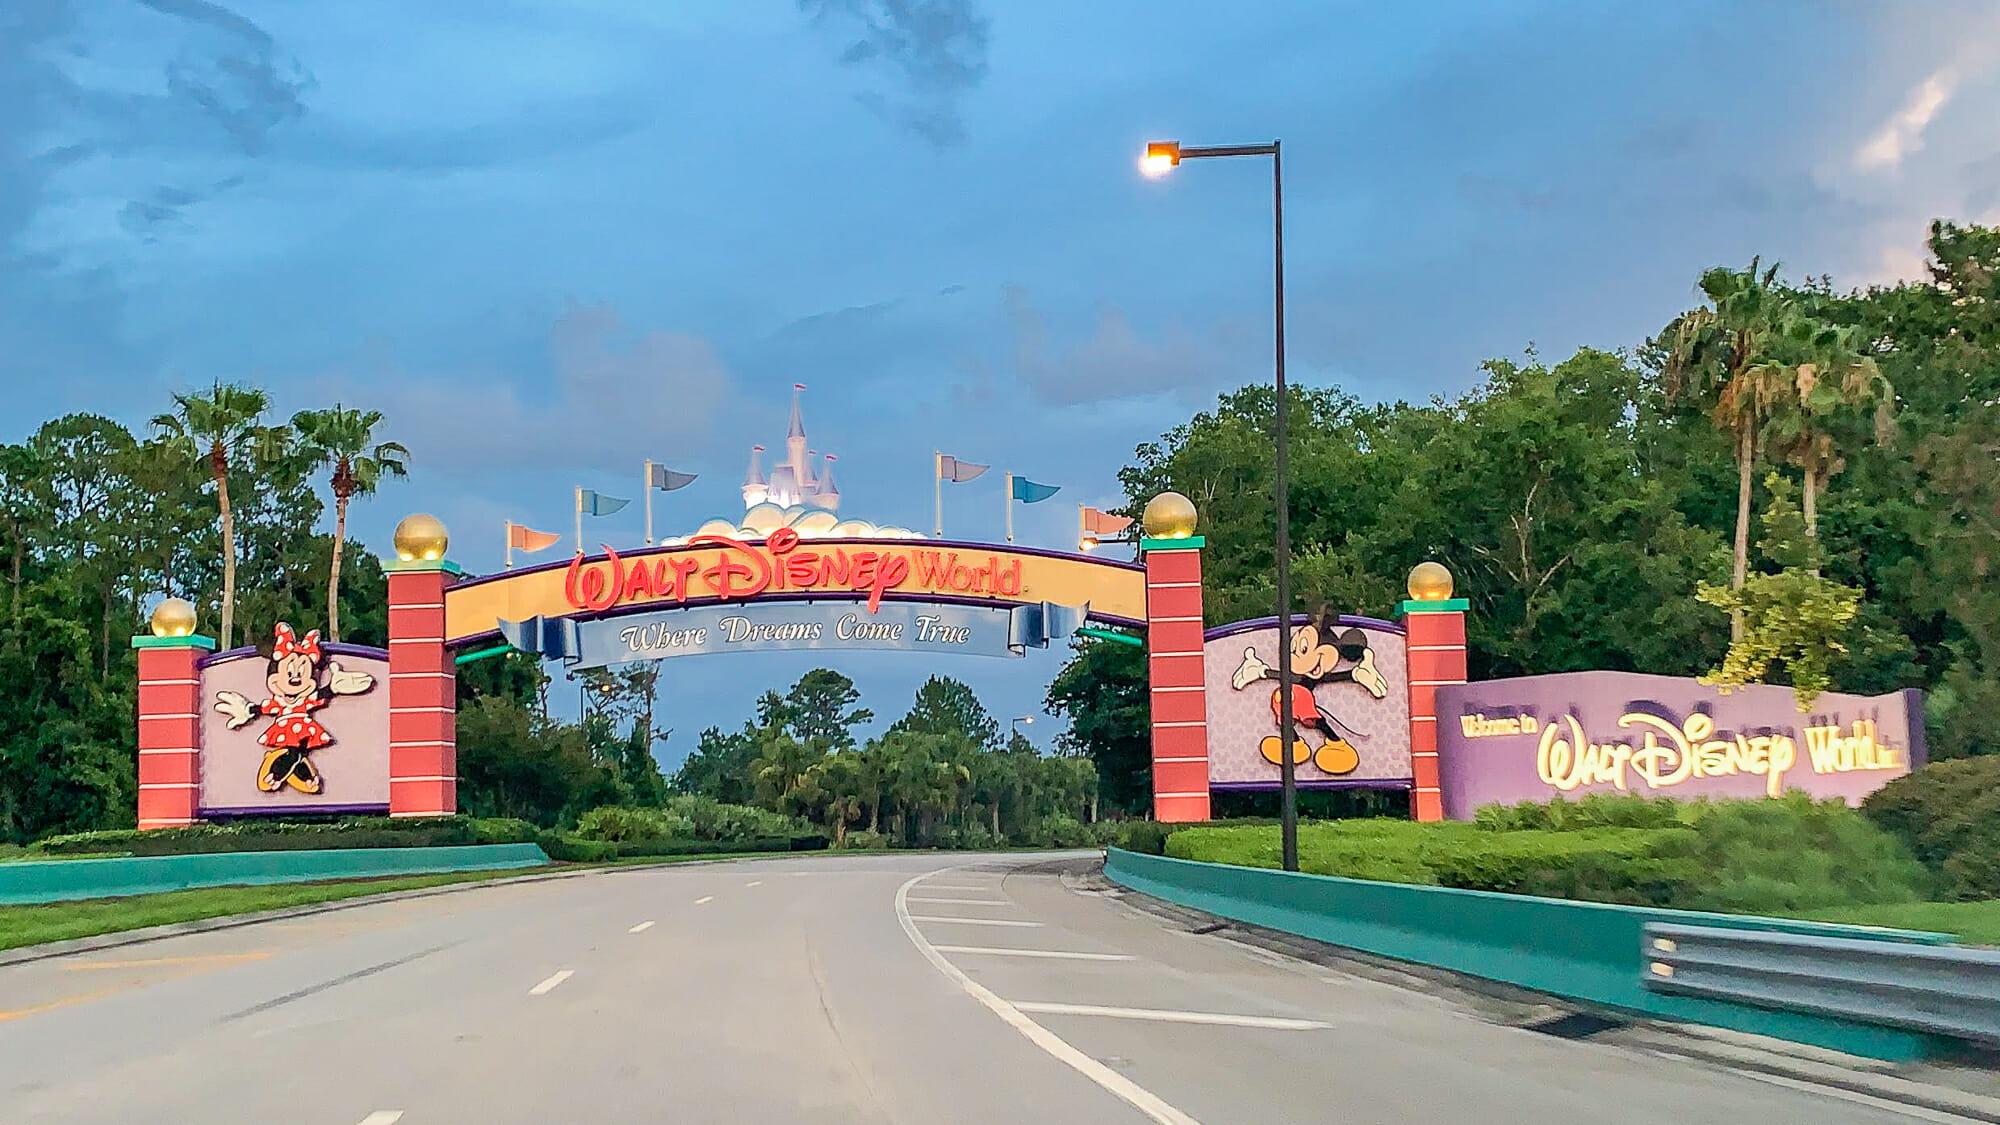 Foto do portal de entrada do complexo da Disney, que tem a Minnie e o Mickey de cada lado, com o céu azul ao fundo.